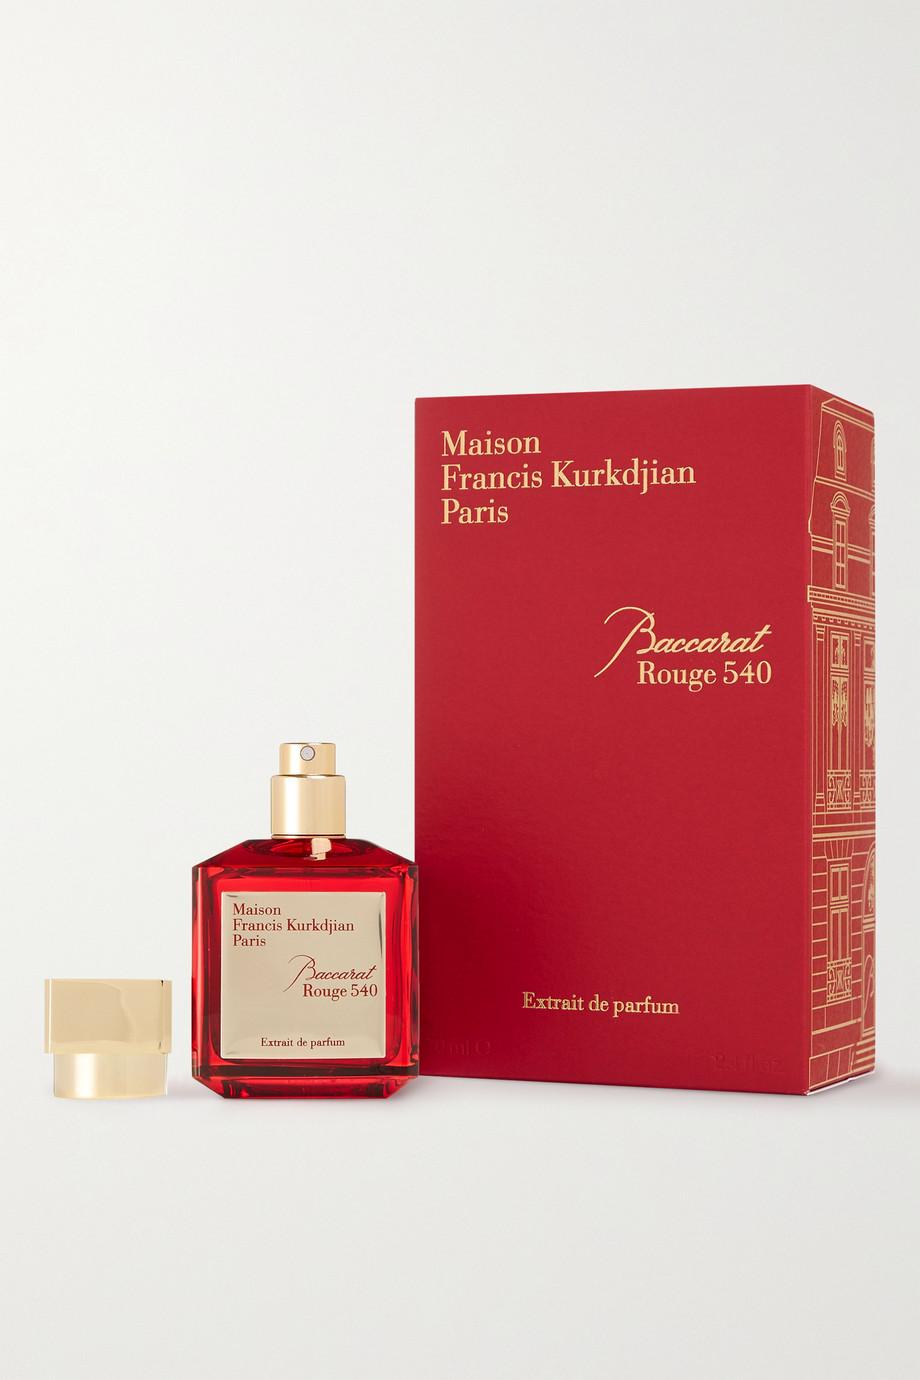 Maison Francis Kurkdjian Baccarat Rouge 540, 70 ml – Extrait de Parfum